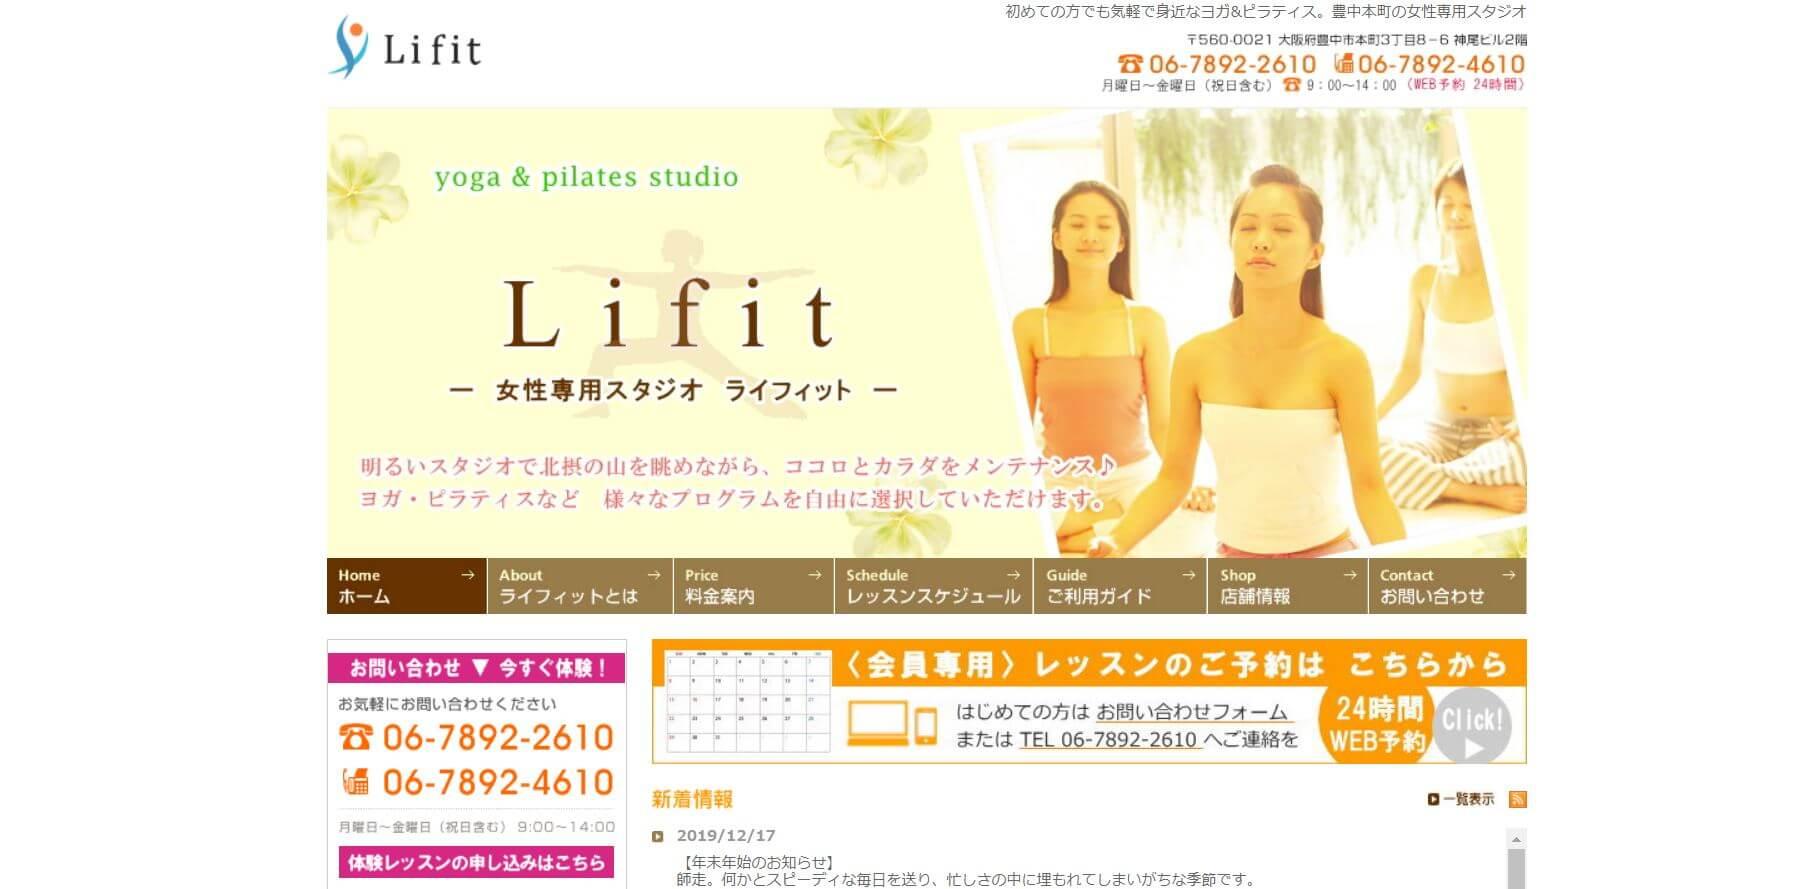 Lifit